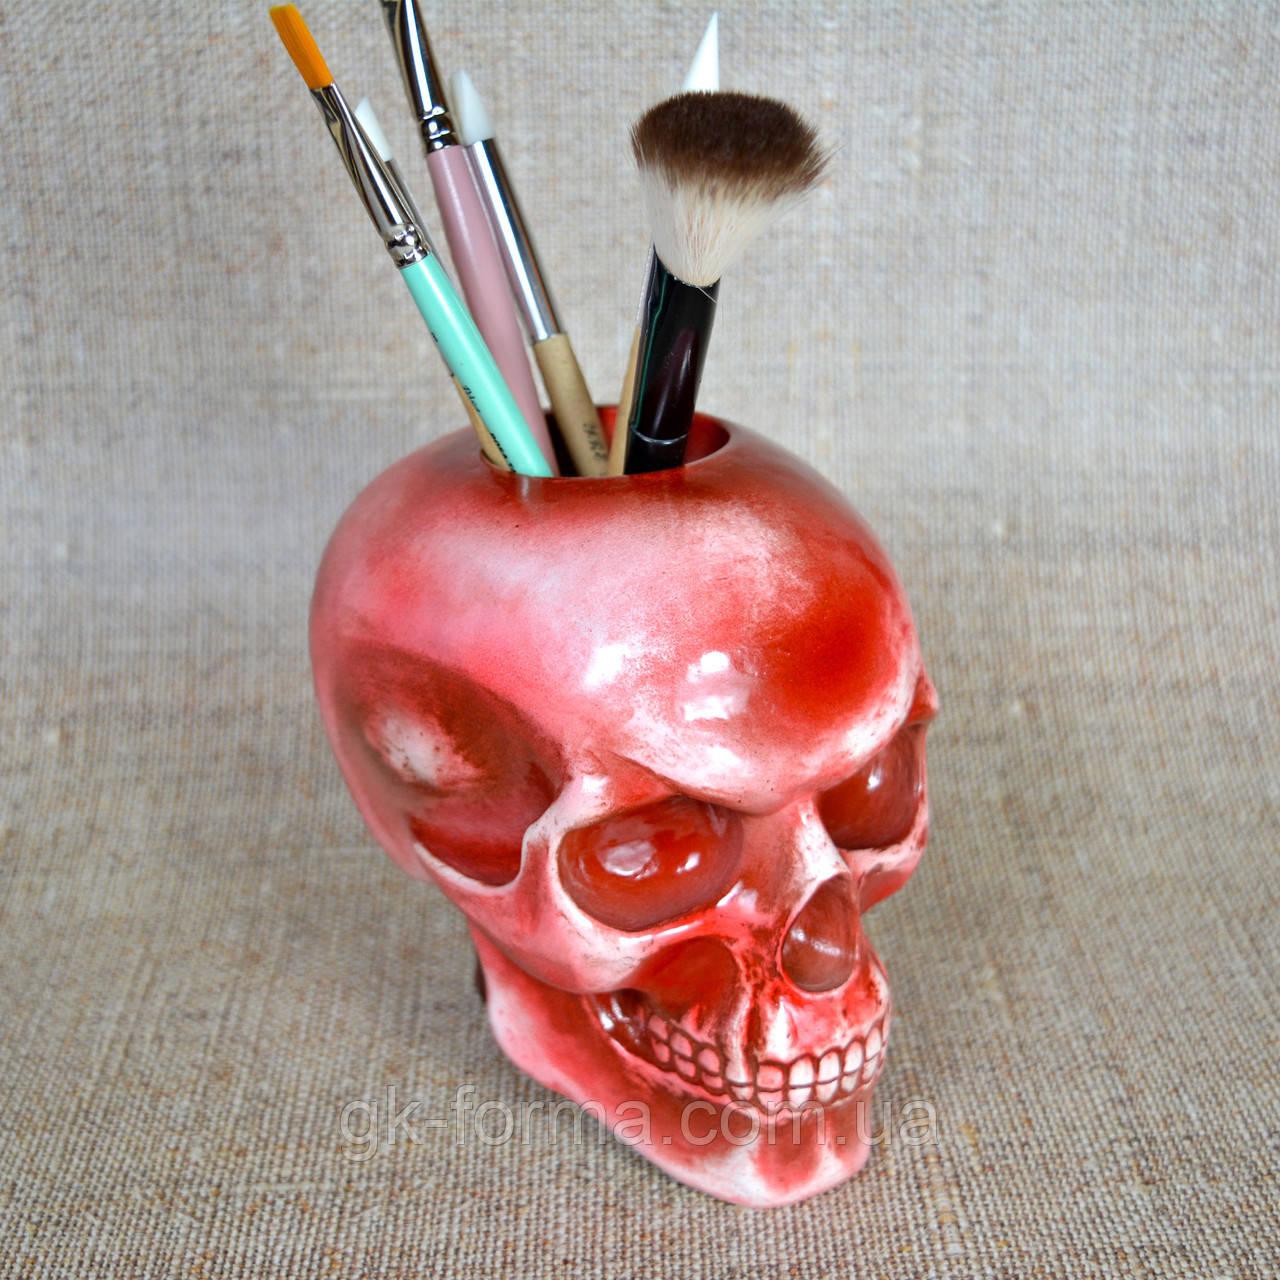 Художественный череп подставка для кистей и карандашей, фото 1